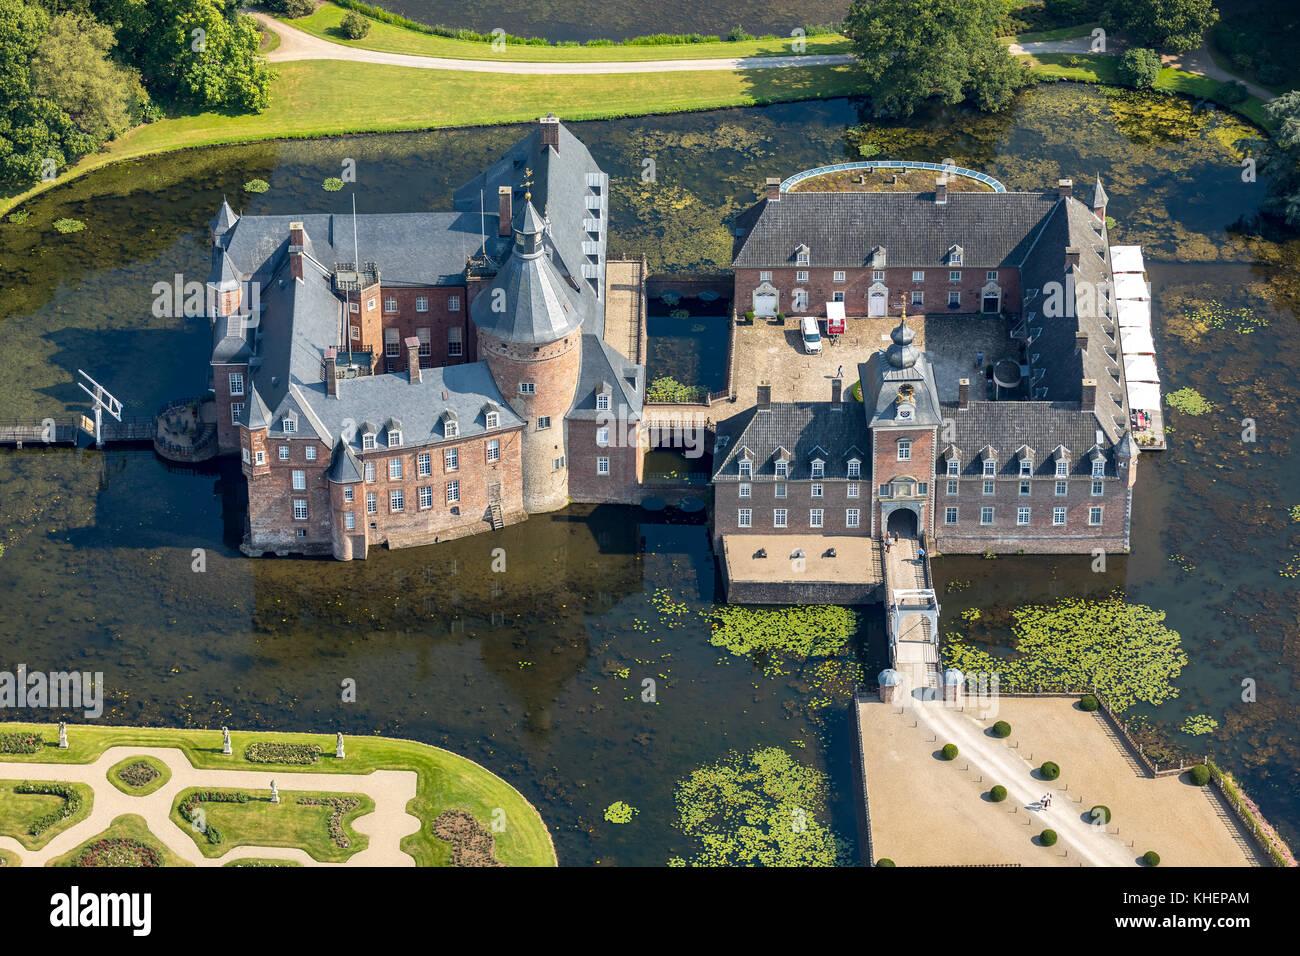 Romantik Parkhotel Wasserburg Anholt, Museum Wasserburg Anholt, mit barocken Garten, wasserschloss Anholt, Isselburg Stockfoto